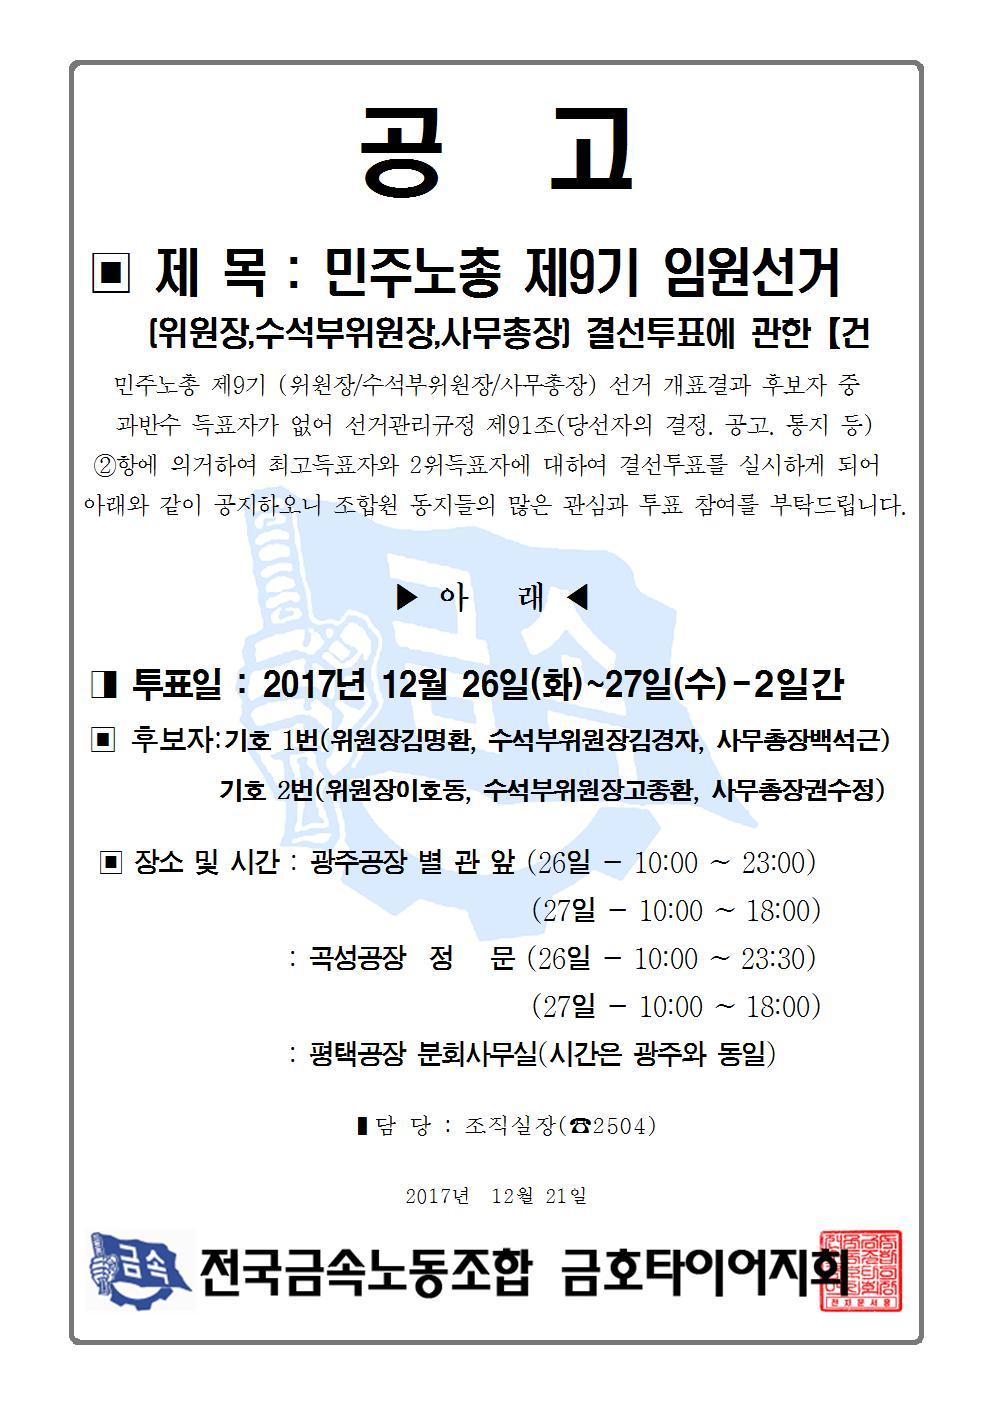 민주노총임원선거결선투표001.jpg